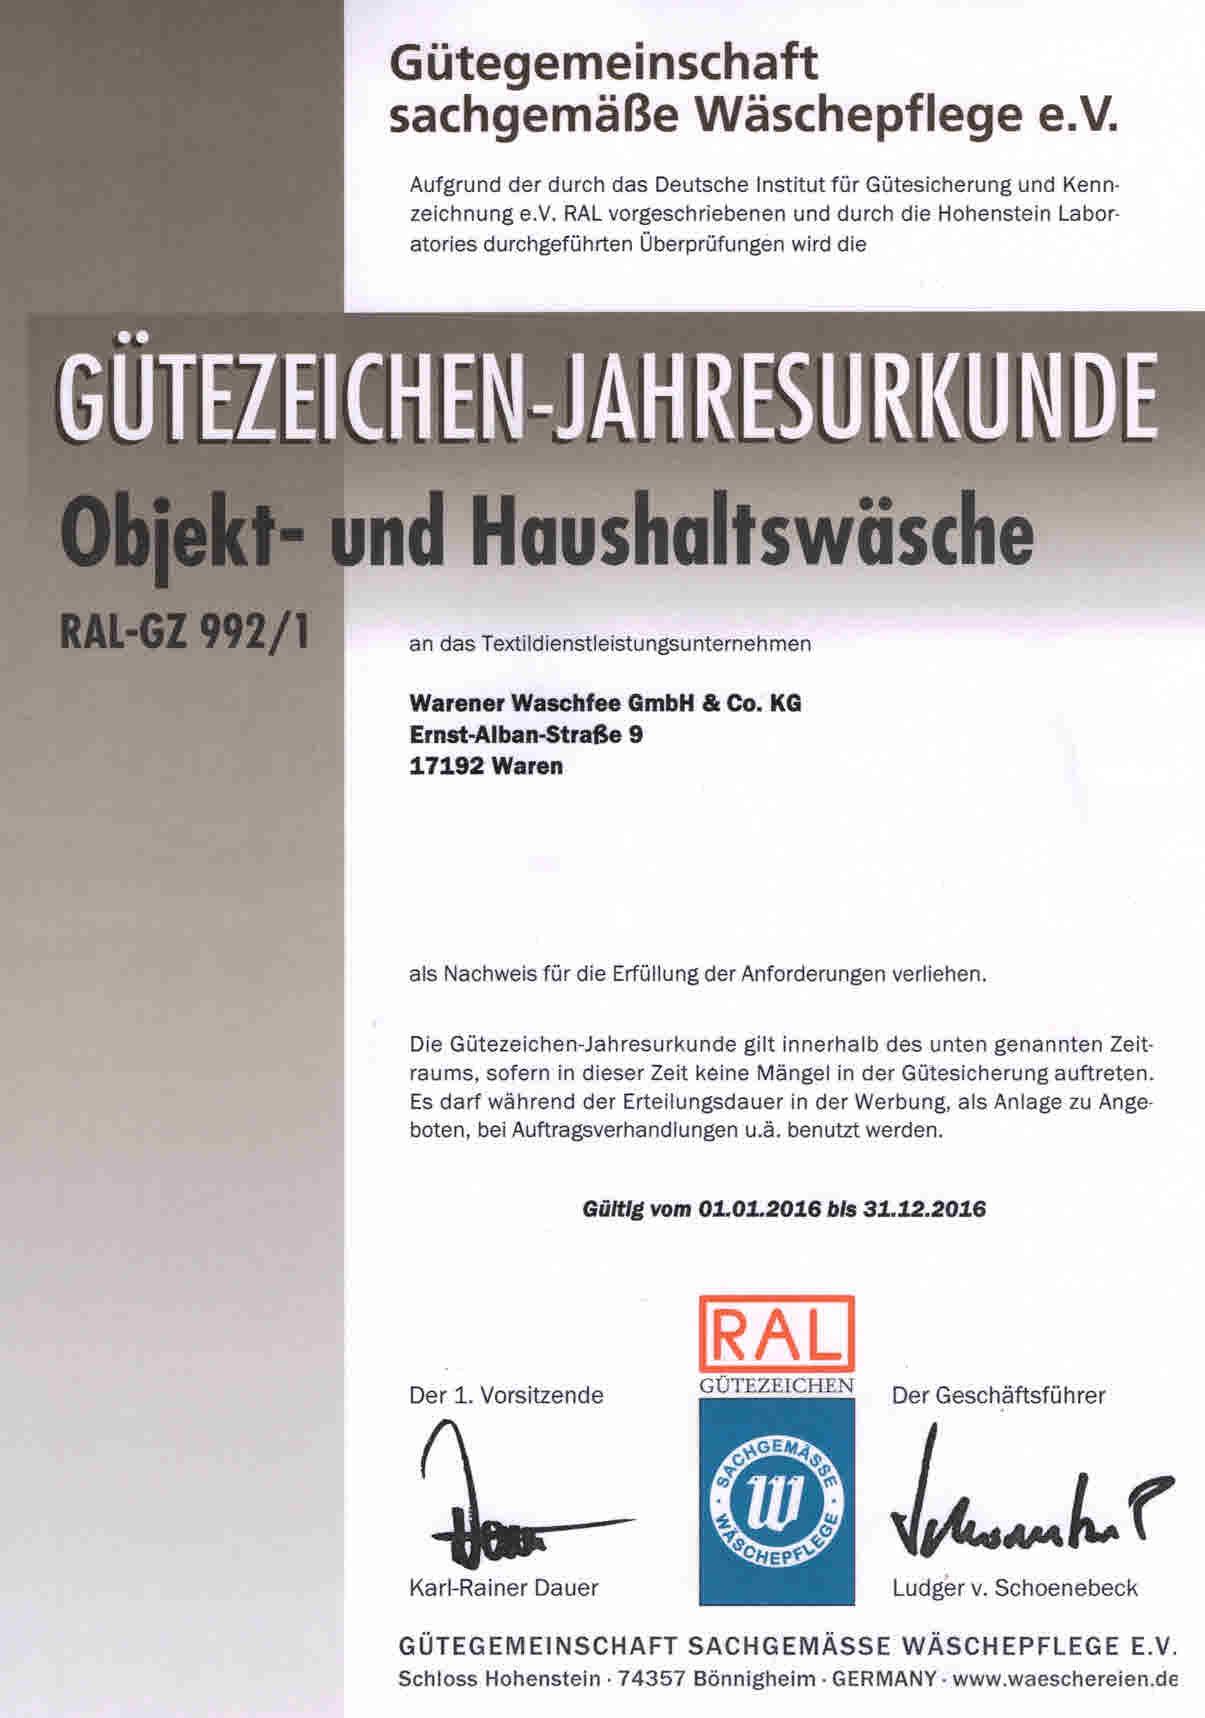 RAL-GZ_992-1_Objekt-und-Haushaltswaesche